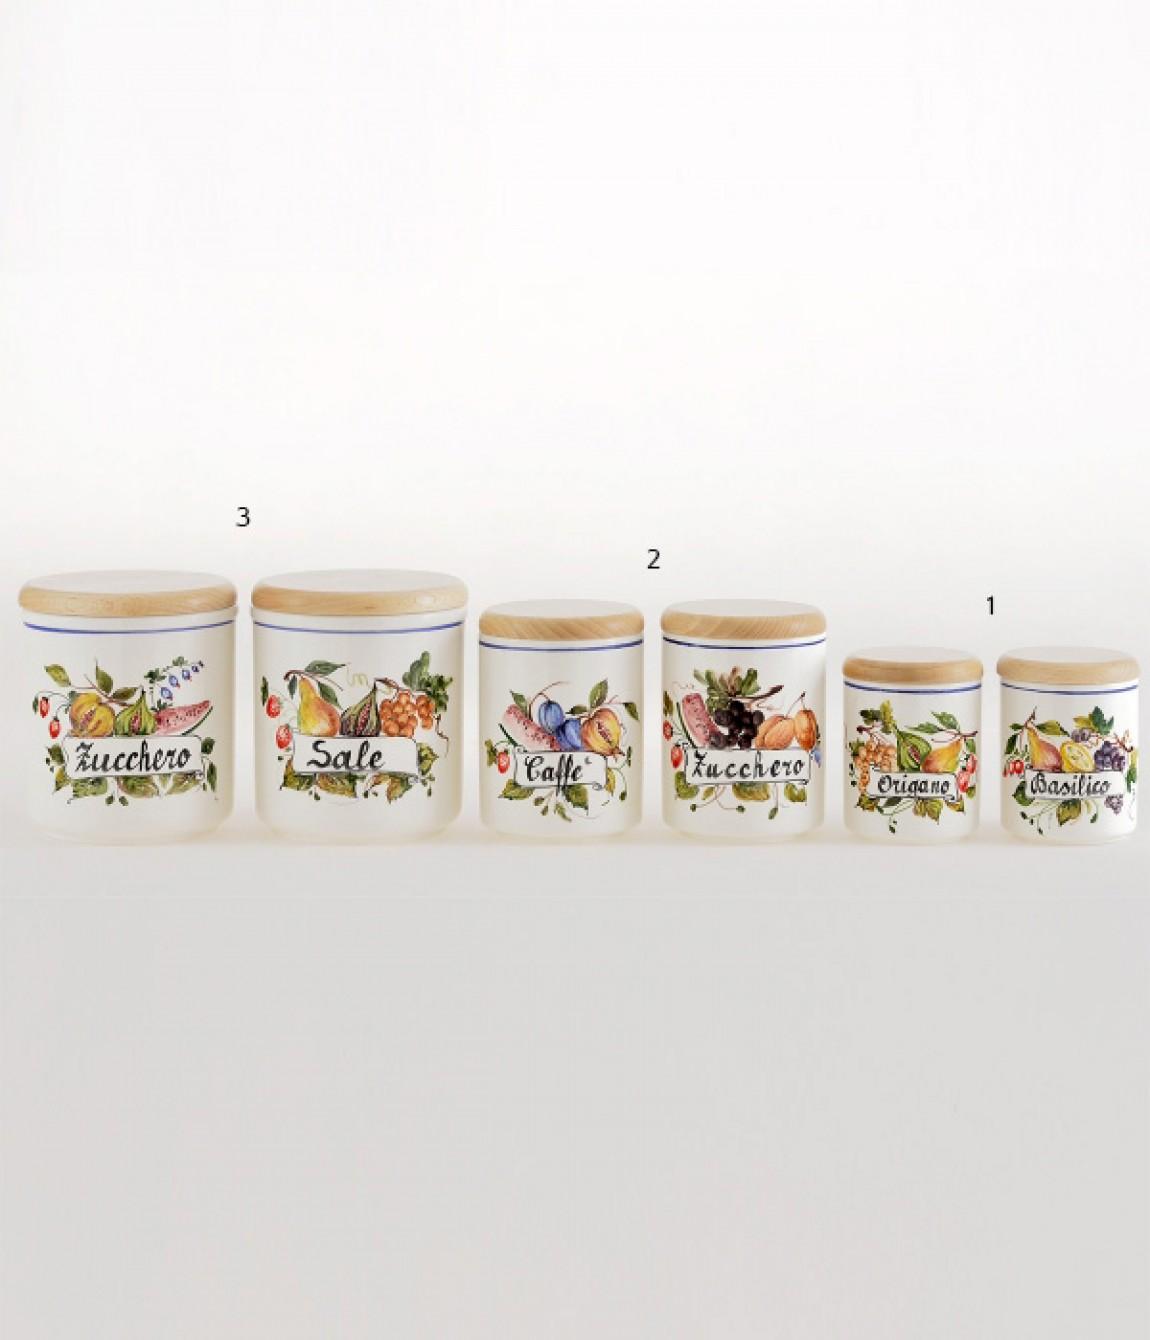 Barattolo Da Cucina 2 Altezza Cm 12 5 Barattolo Da Cucina In Ceramica Decorato A Mano Luxury Ceramics Art